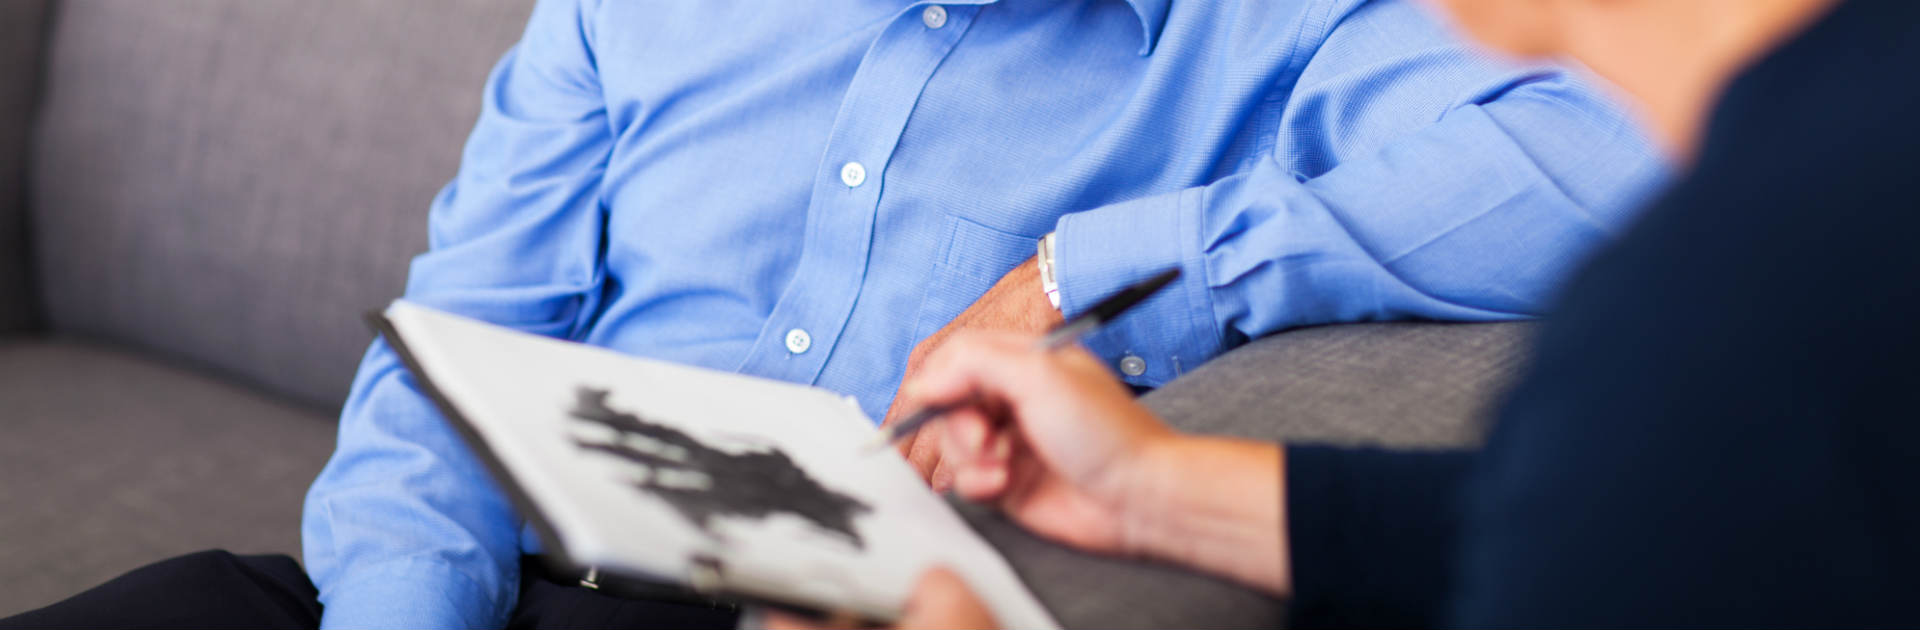 Teorie e test per comprendere il cliente in modi nuovi: applicazioni